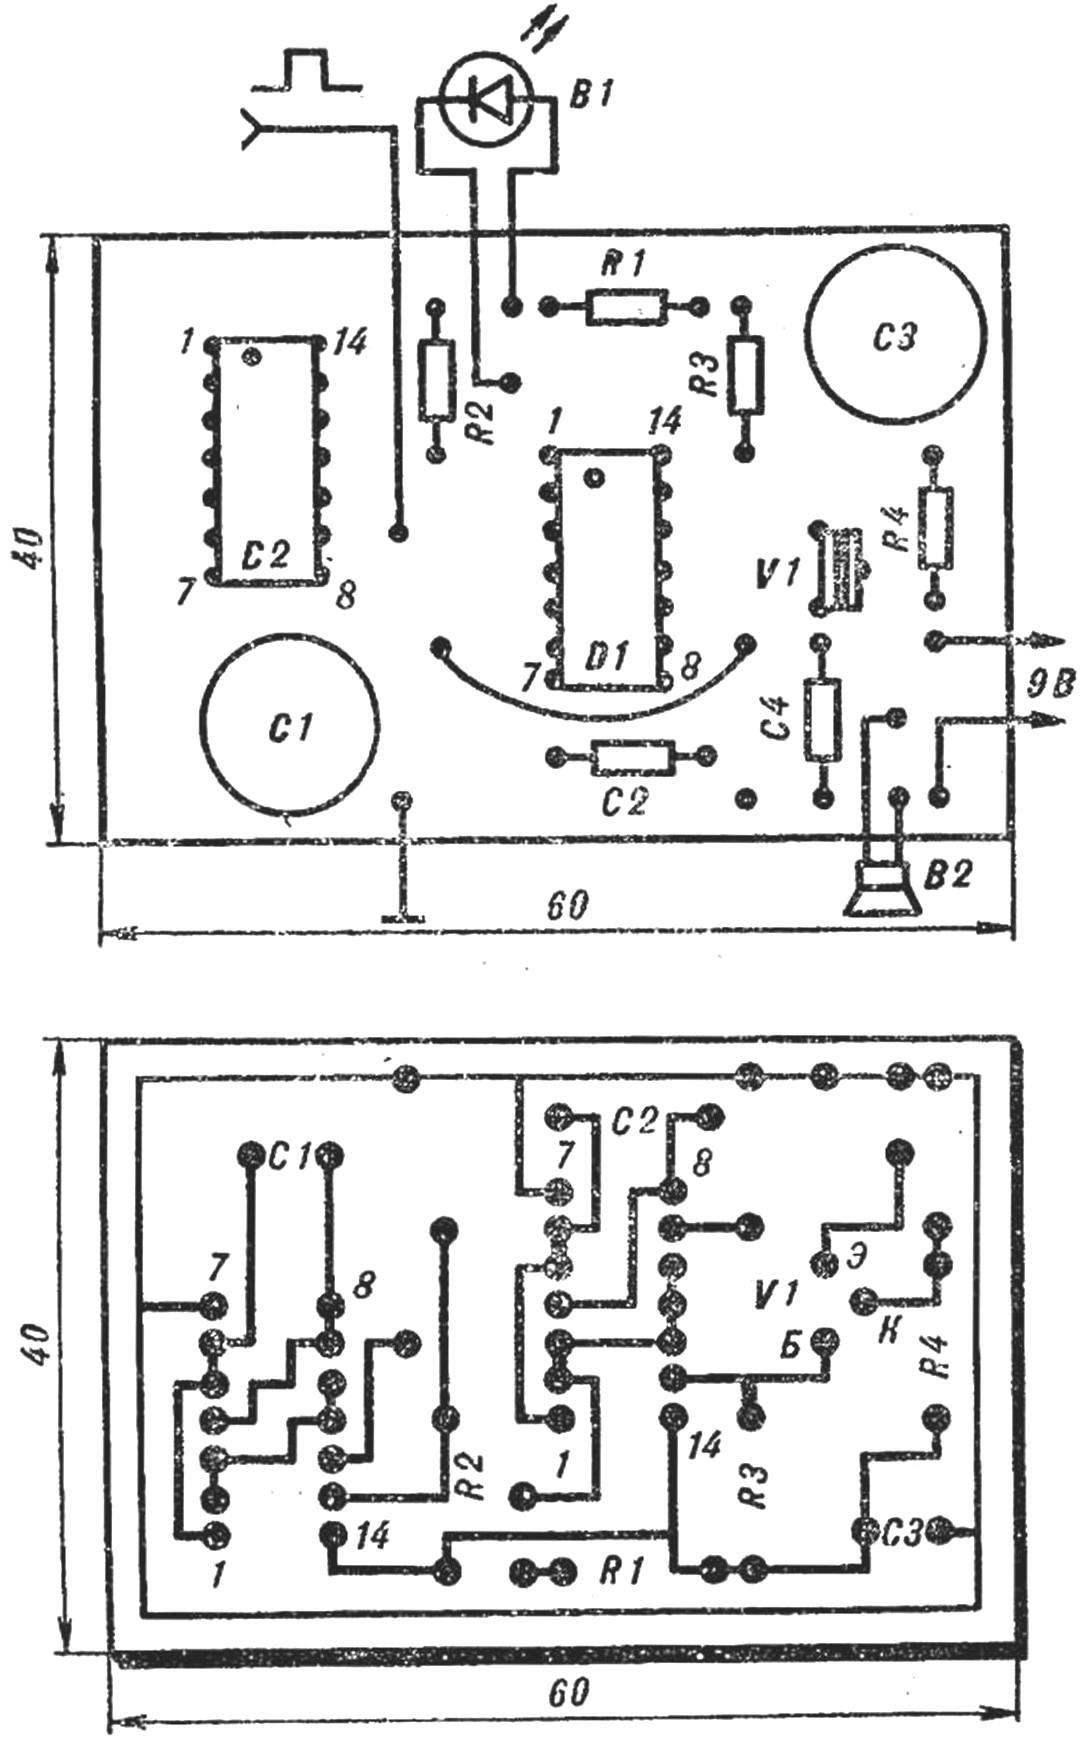 Рис. 4. Печатная плата с расположением деталей генератора с превывистым сигналом